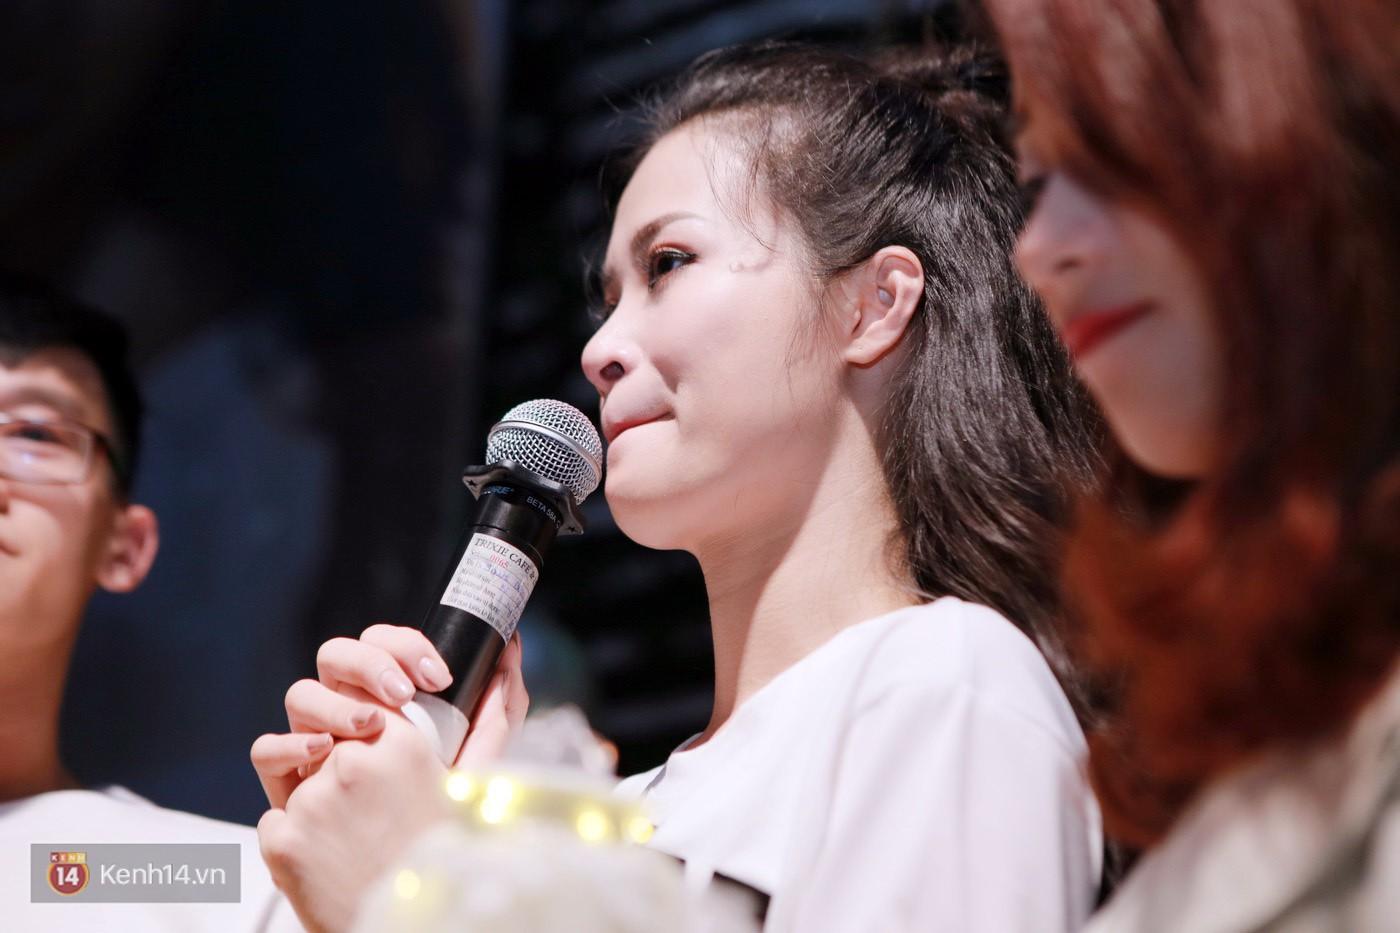 Đông Nhi nghẹn ngào rơi nước mắt trước tình cảm của fan Hà thành trong buổi fan-meeting - Ảnh 16.